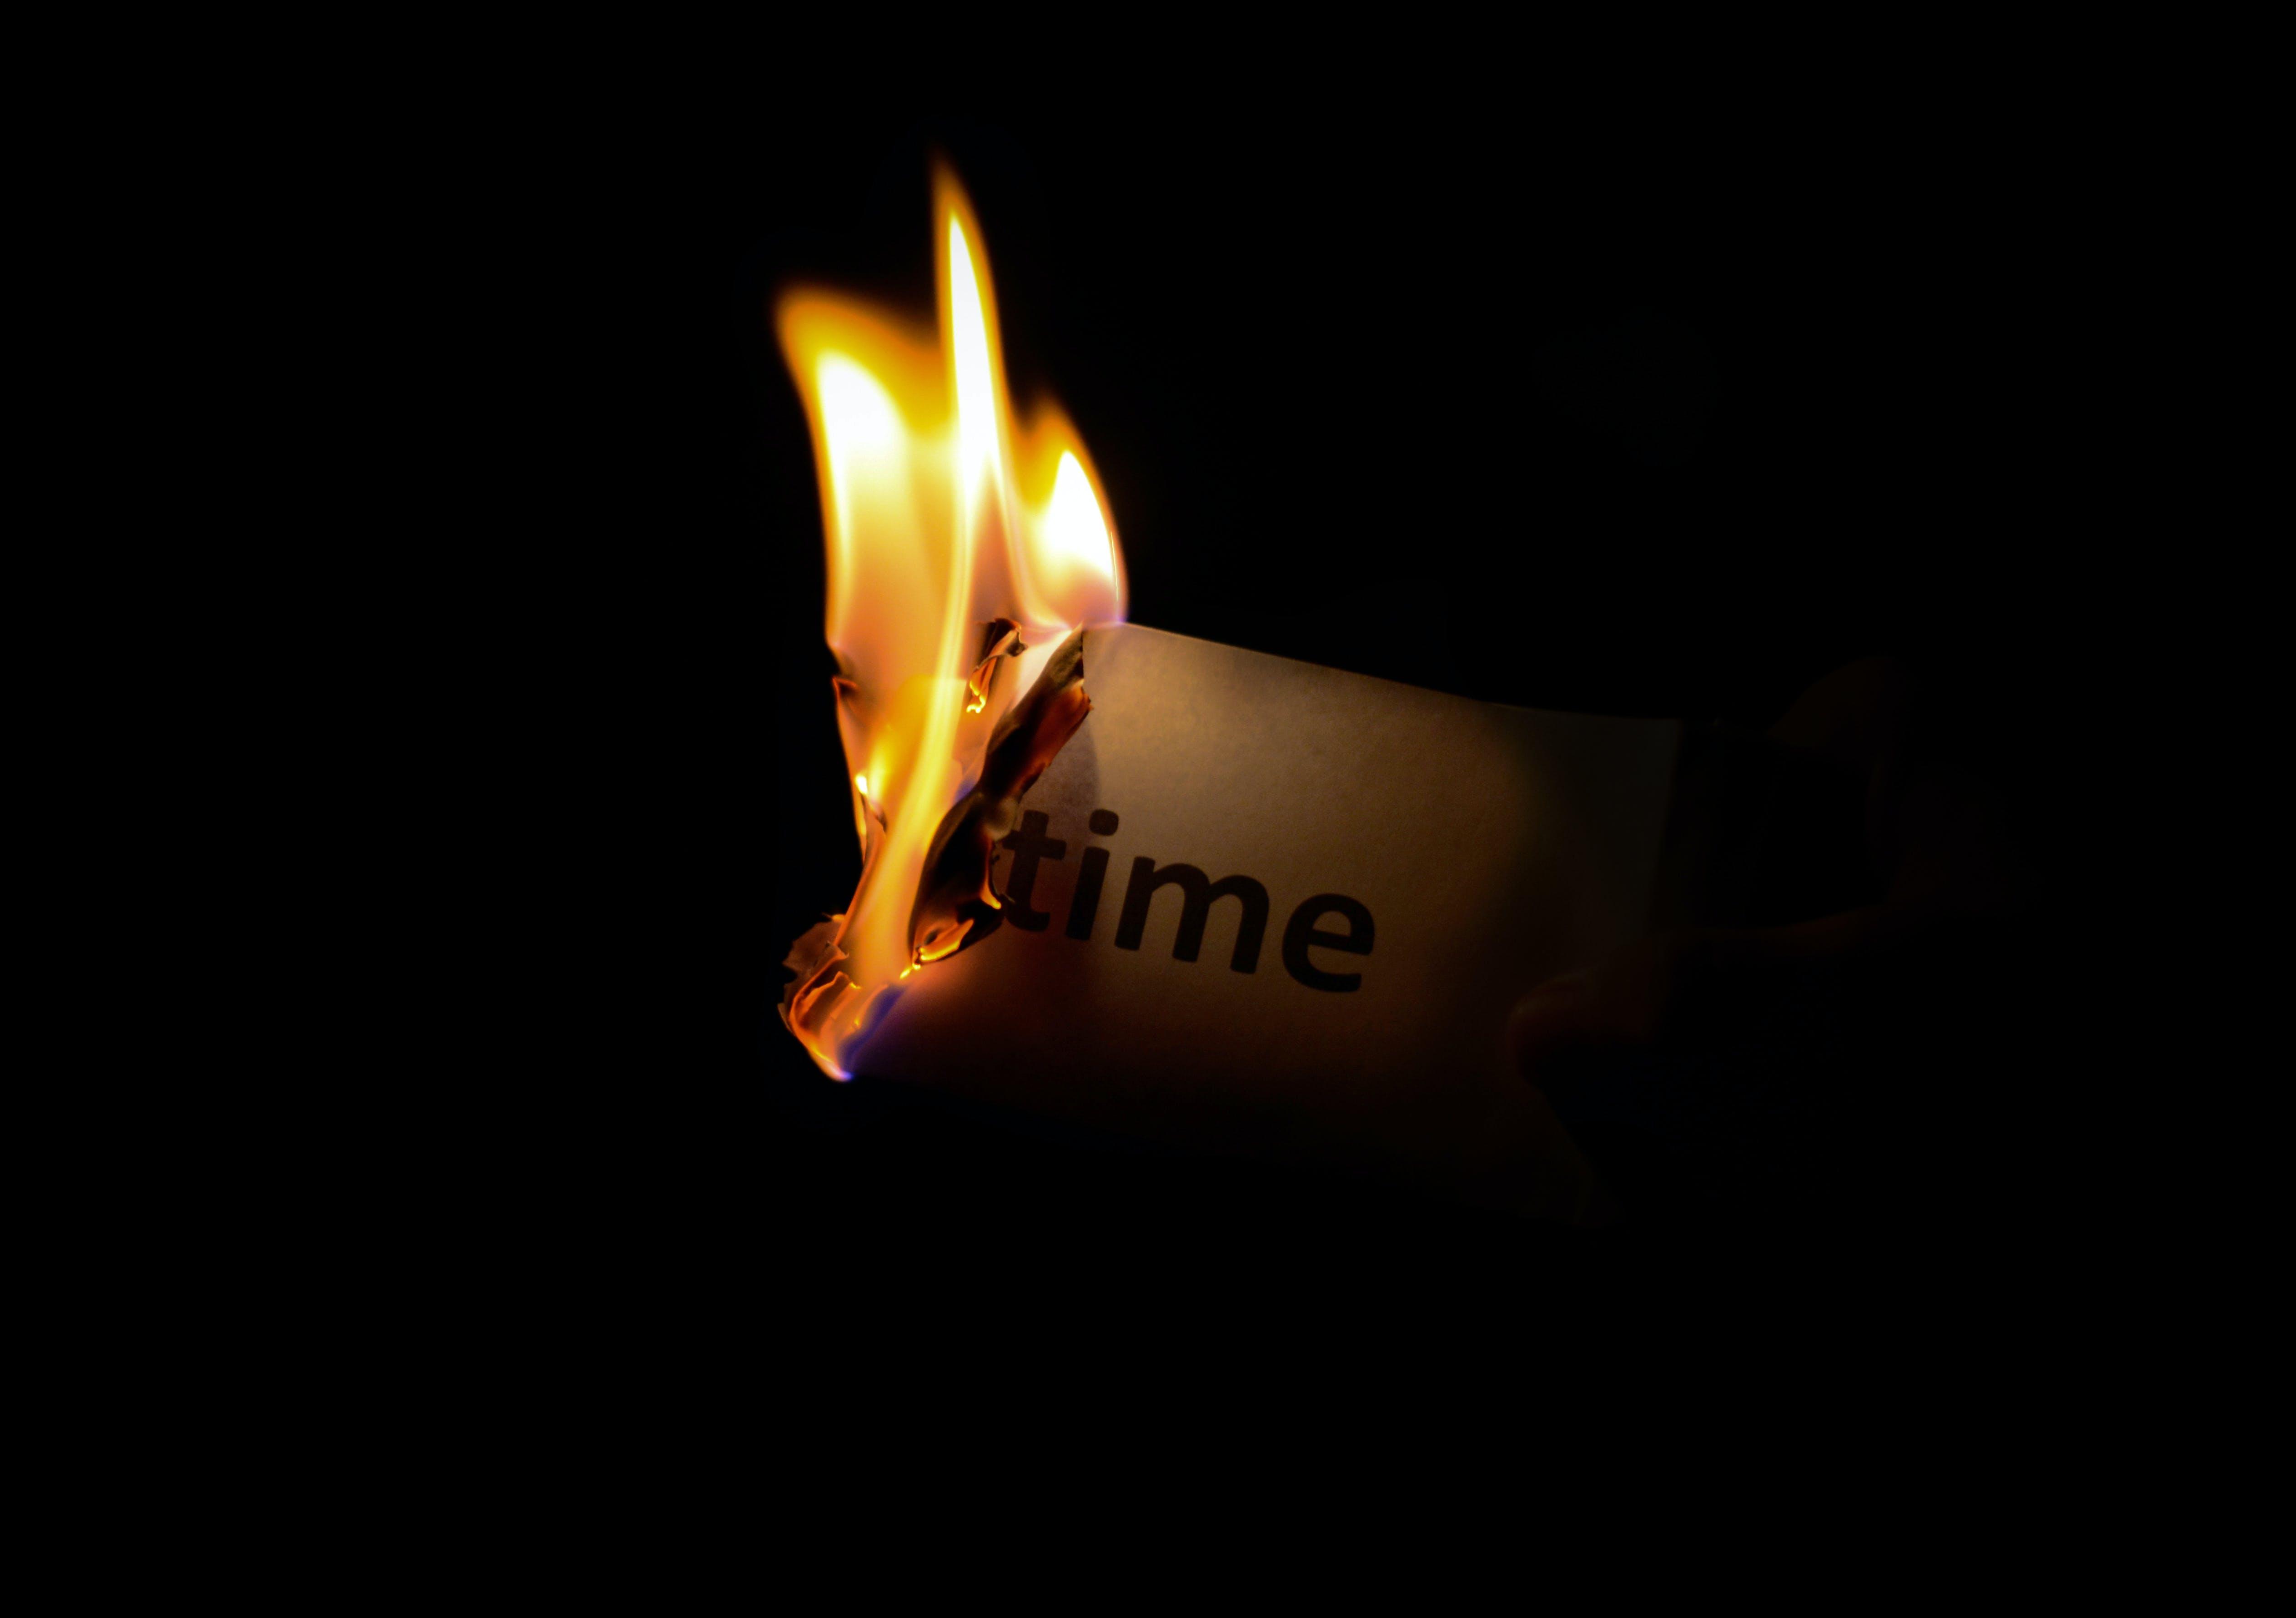 ダーク, 時間, 火, 火炎の無料の写真素材